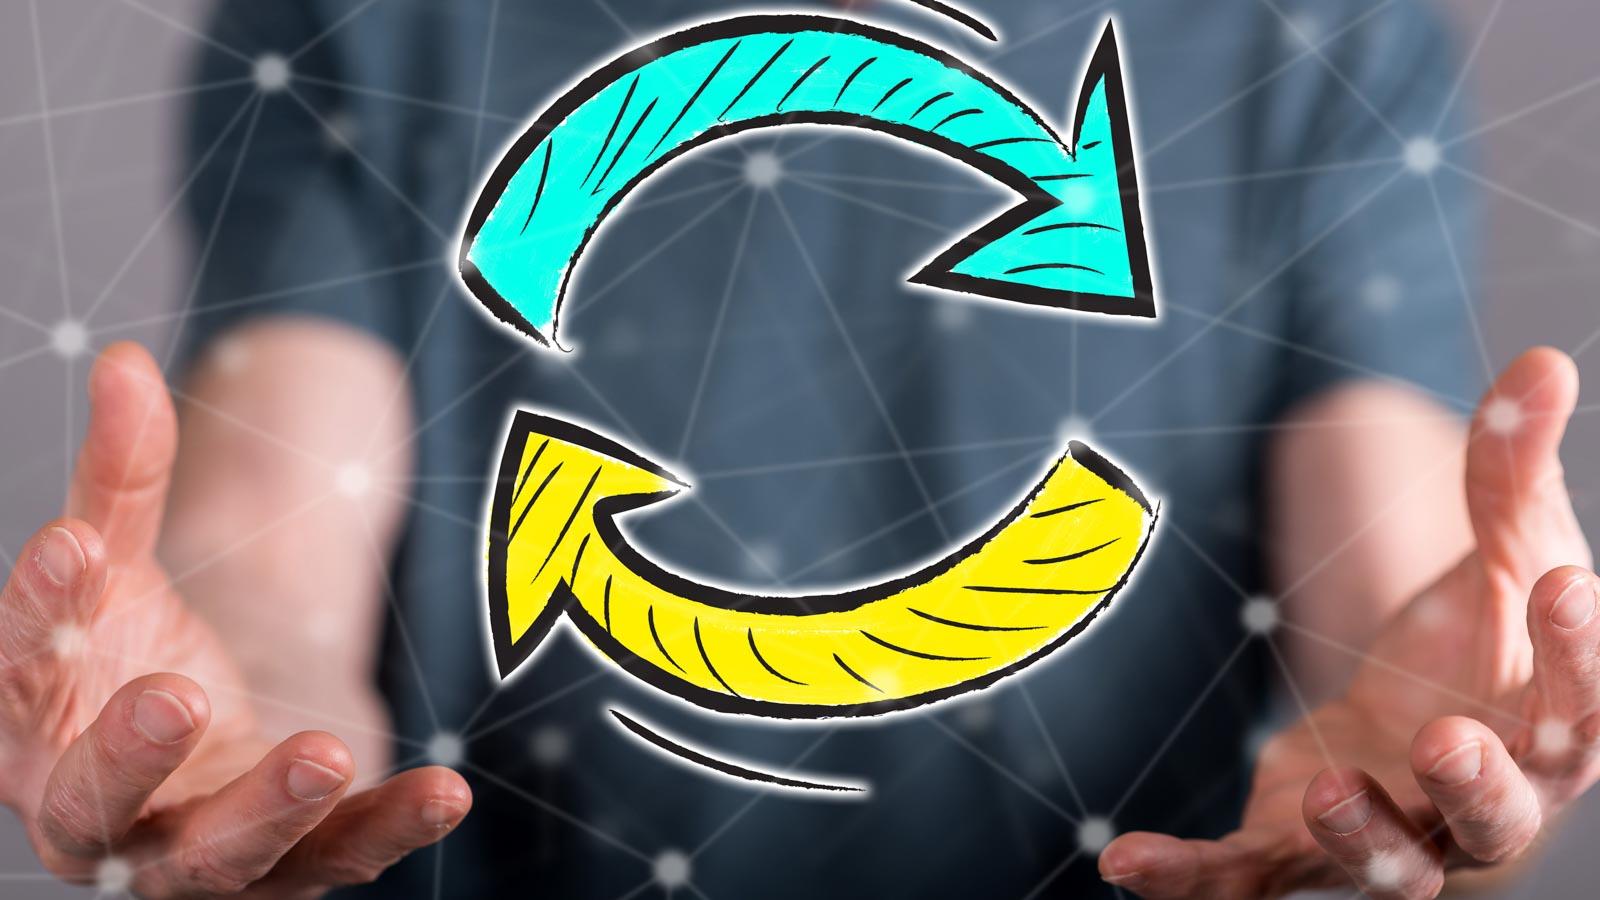 Symbolbild: zwei Hände, zwischen denen zwei Pfeile einen Kreis bilden